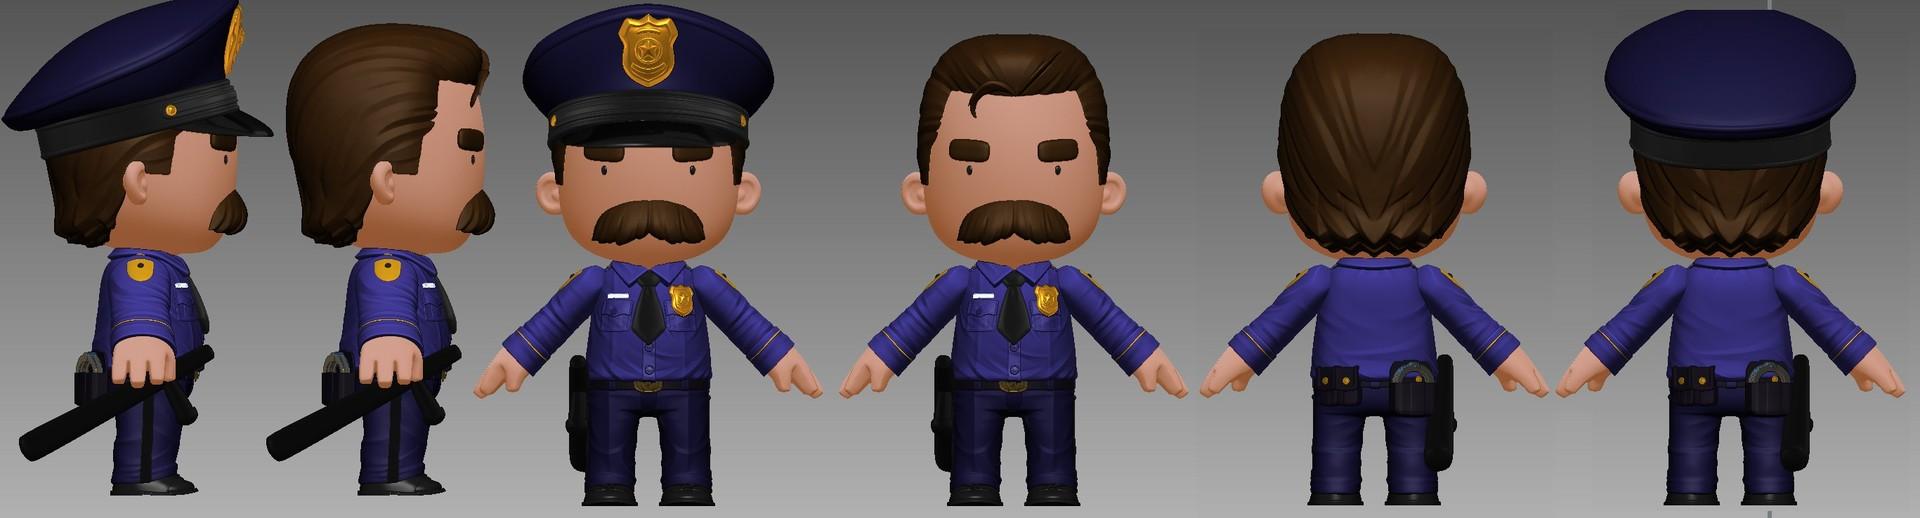 T d chiu scrib3d cop